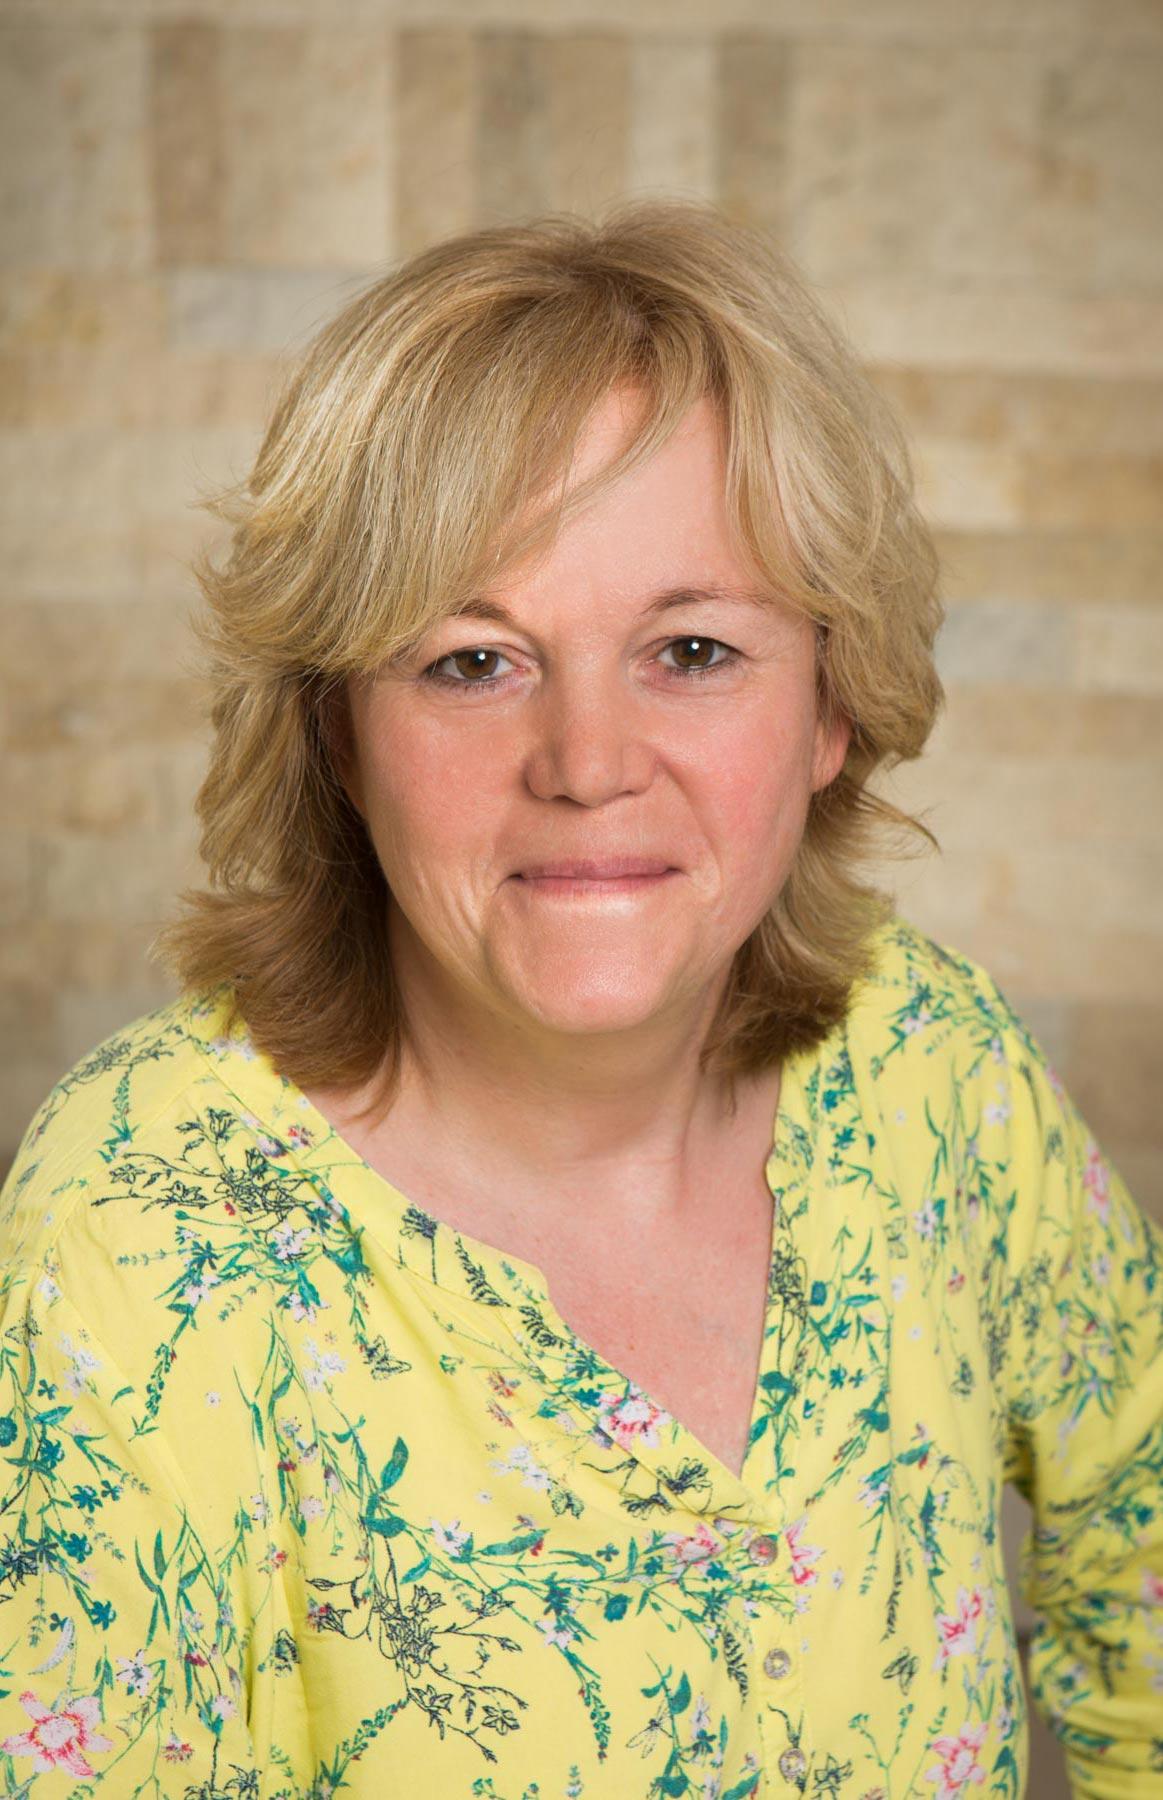 Porträt Teichert, Assistentin der Geschäftsführung